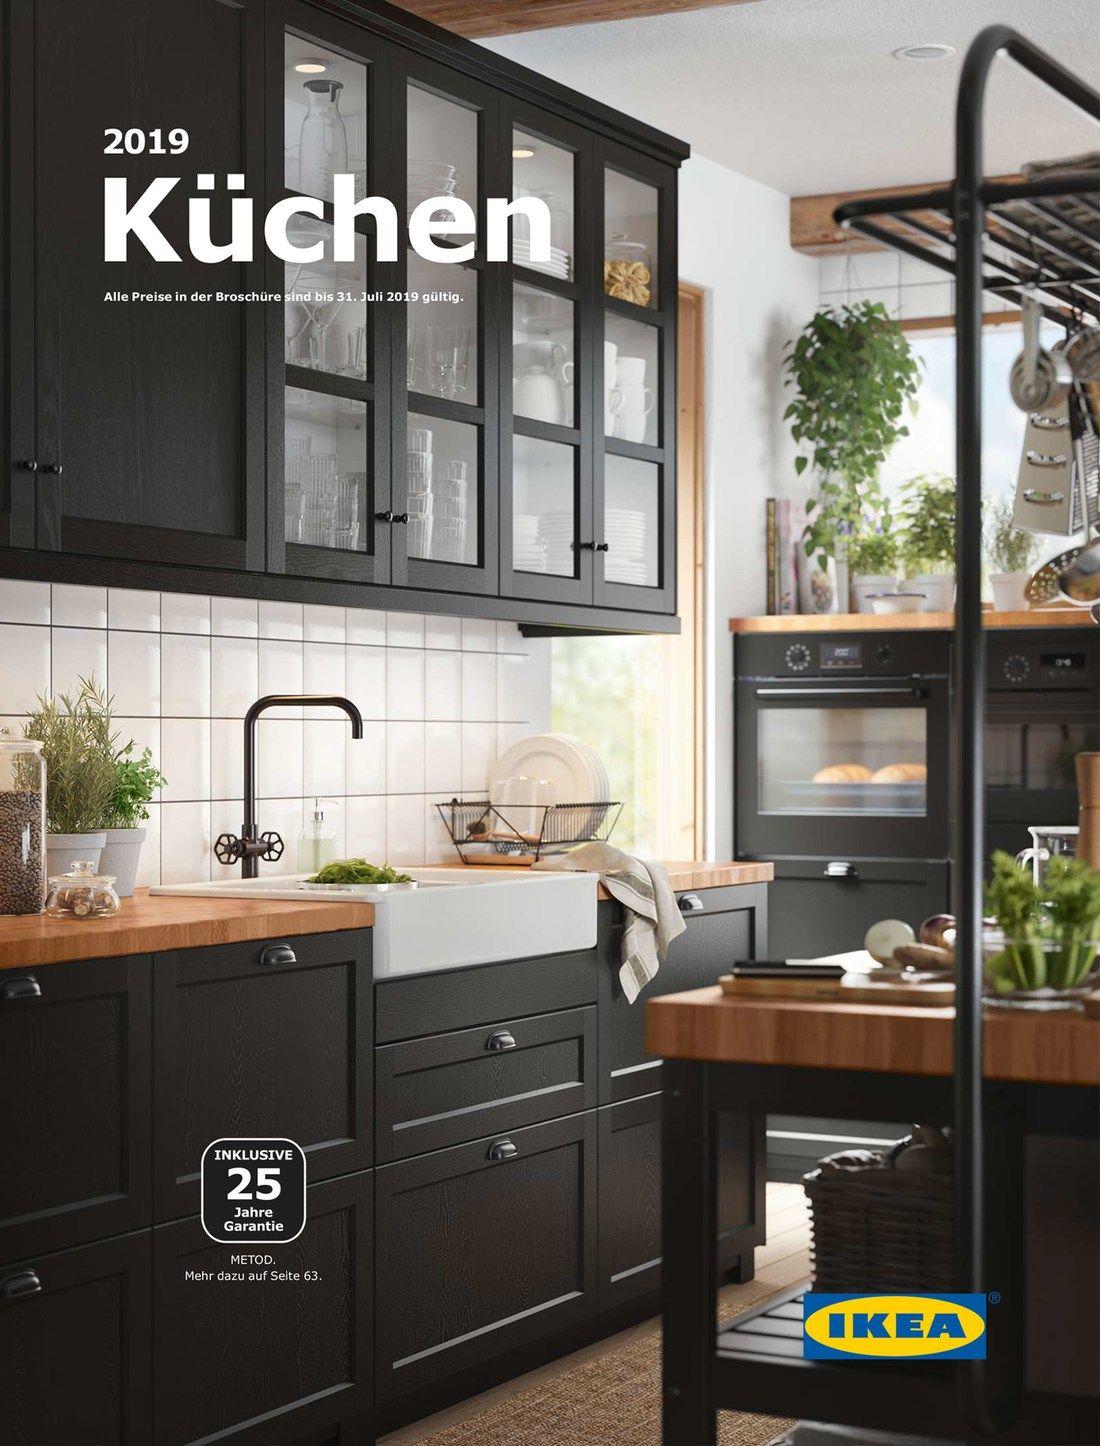 Full Size of Mülleimer Küche Ikea Kche Katalog Fr 2020 Kchen Design Bodenbelge Raffrollo Was Kostet Eine Neue Schnittschutzhandschuhe Klapptisch Laminat Für Sideboard Wohnzimmer Mülleimer Küche Ikea